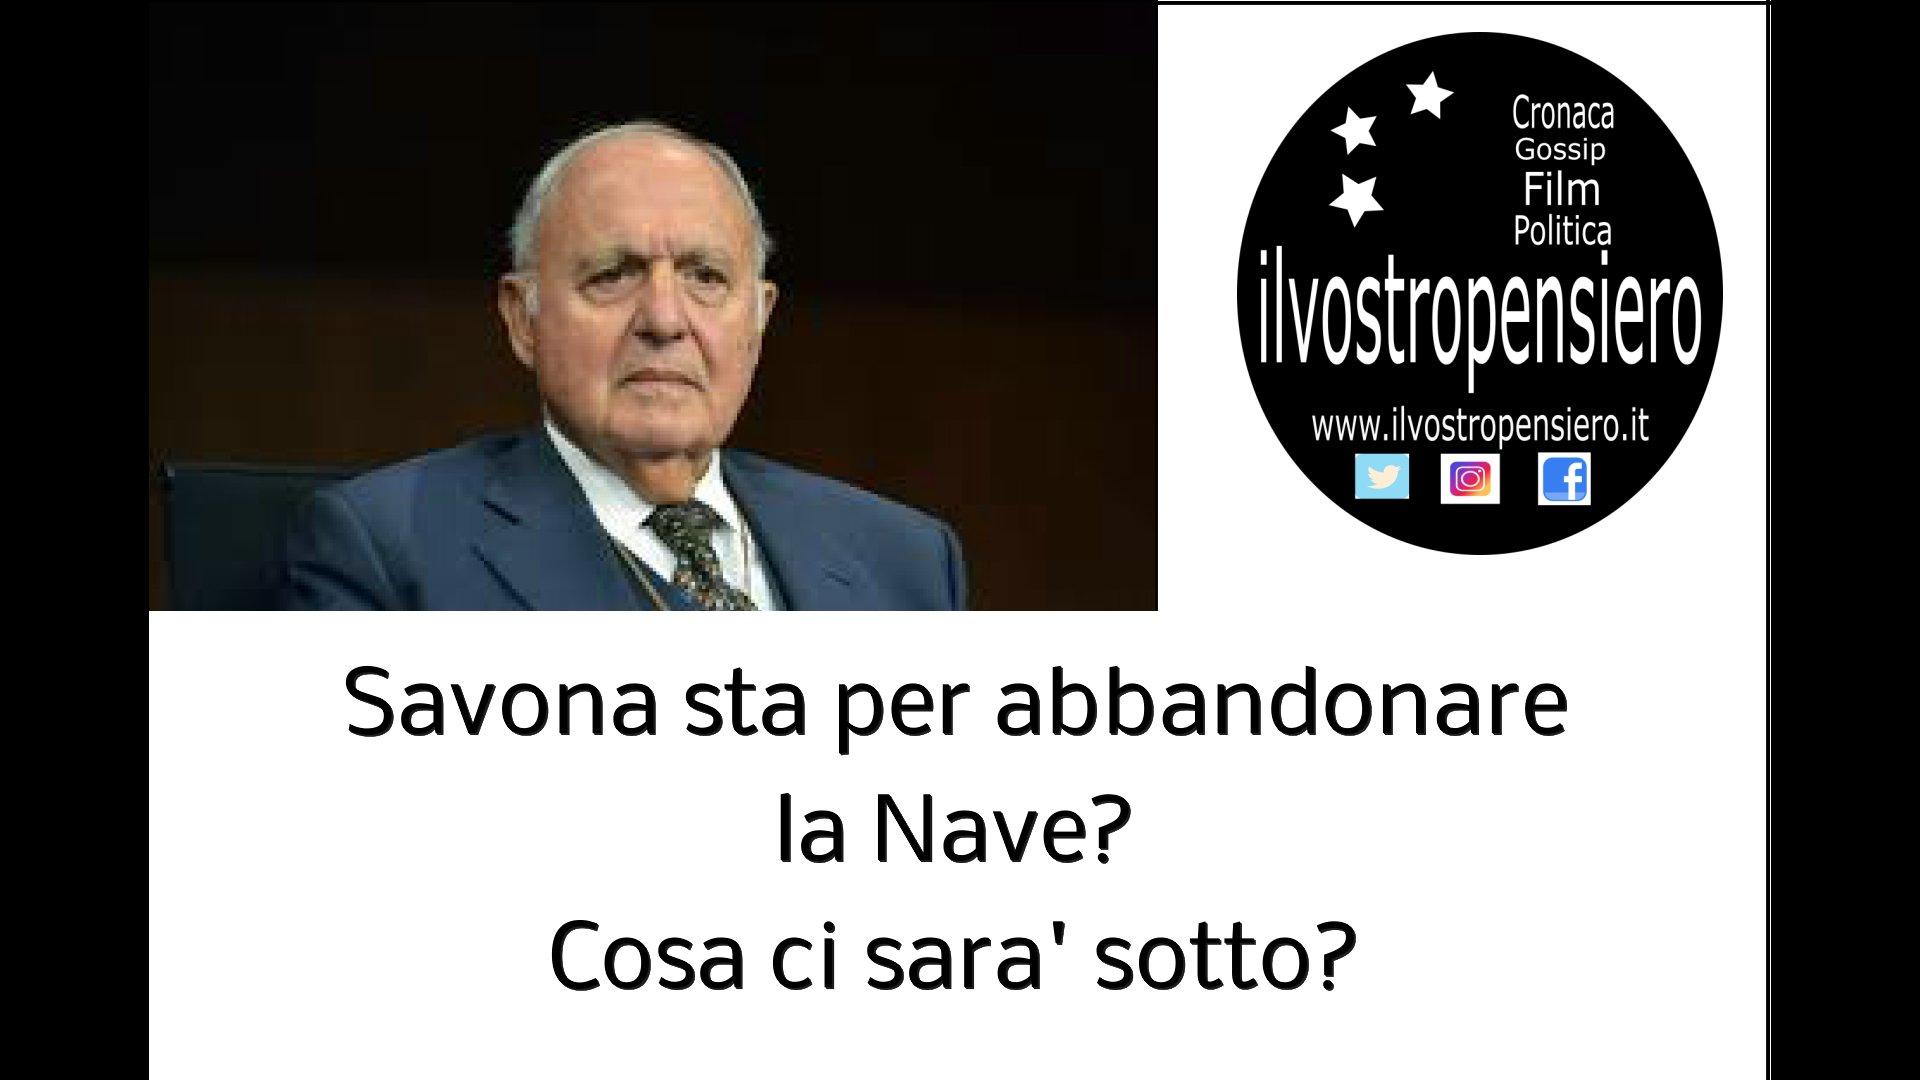 Secondo Mentana le statistiche Europee vedono l'Italia ultima posizione,il Ministro Savona sta per abbandonare la nave?